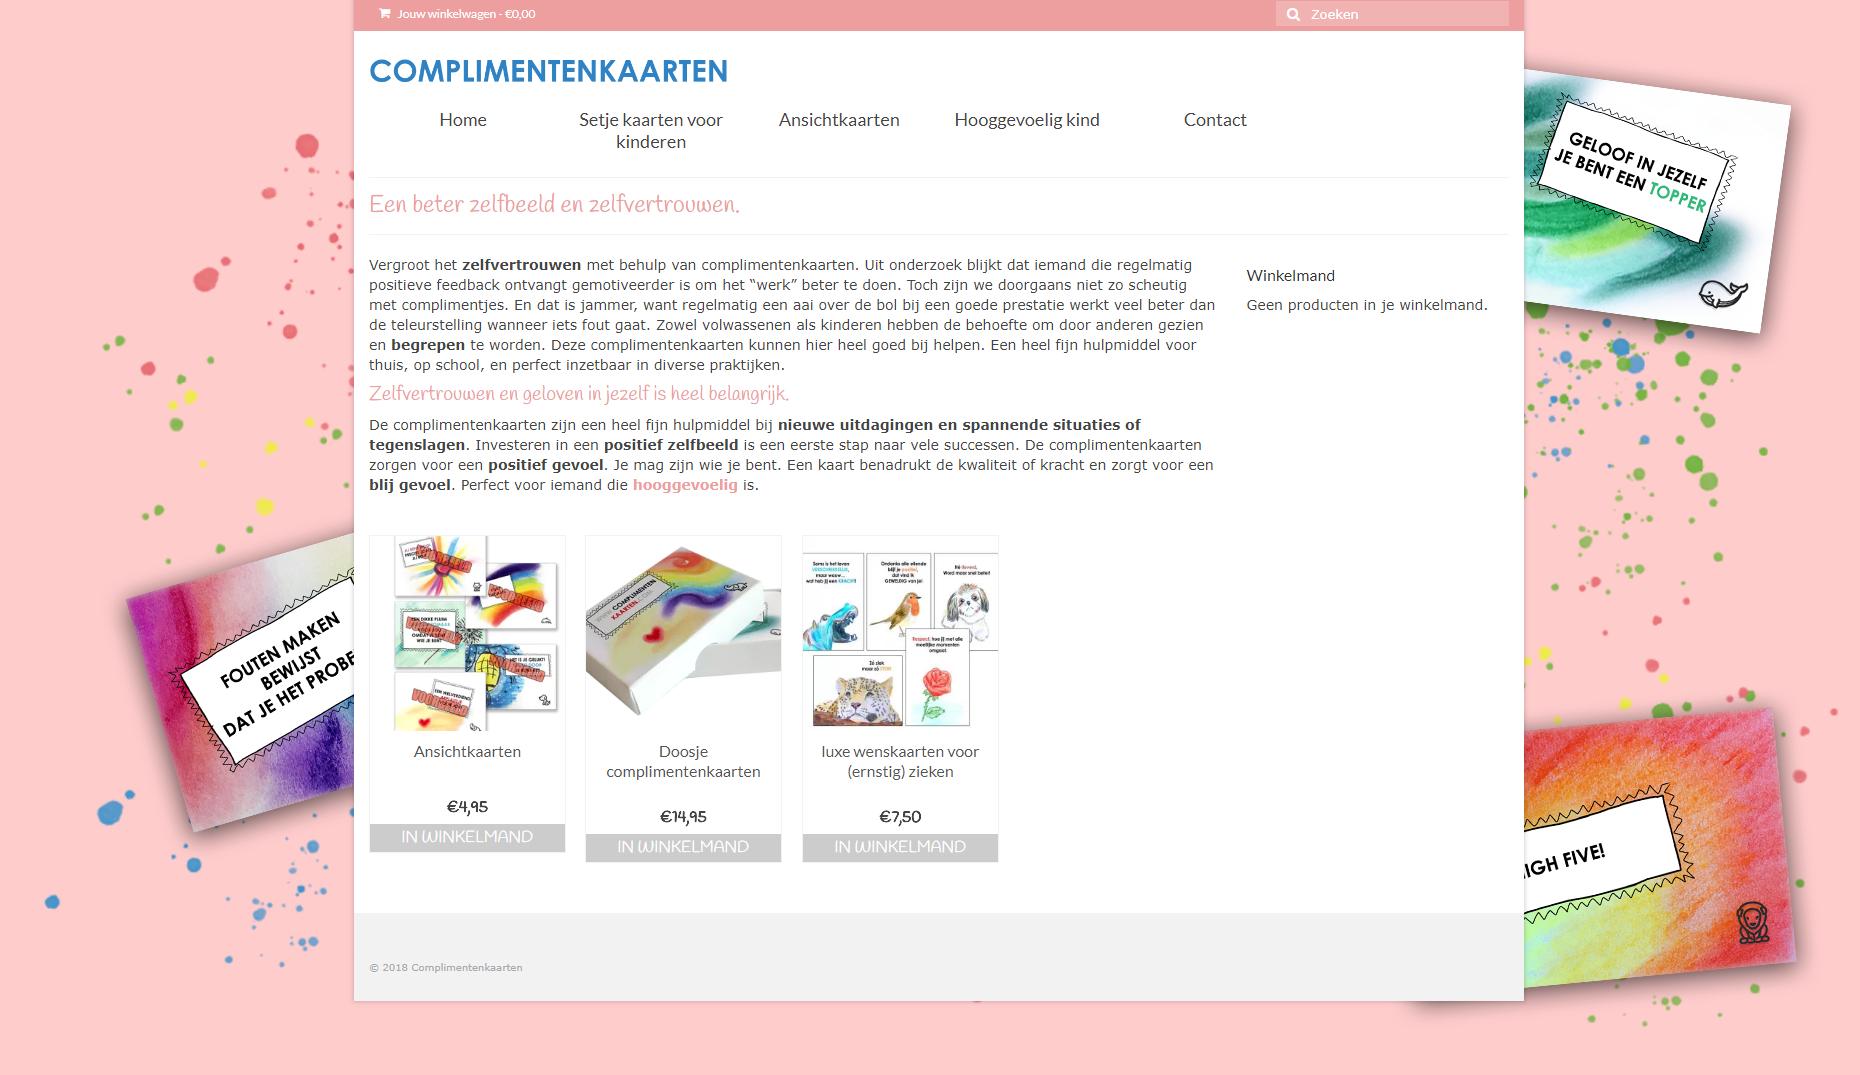 complimentenkaarten.com